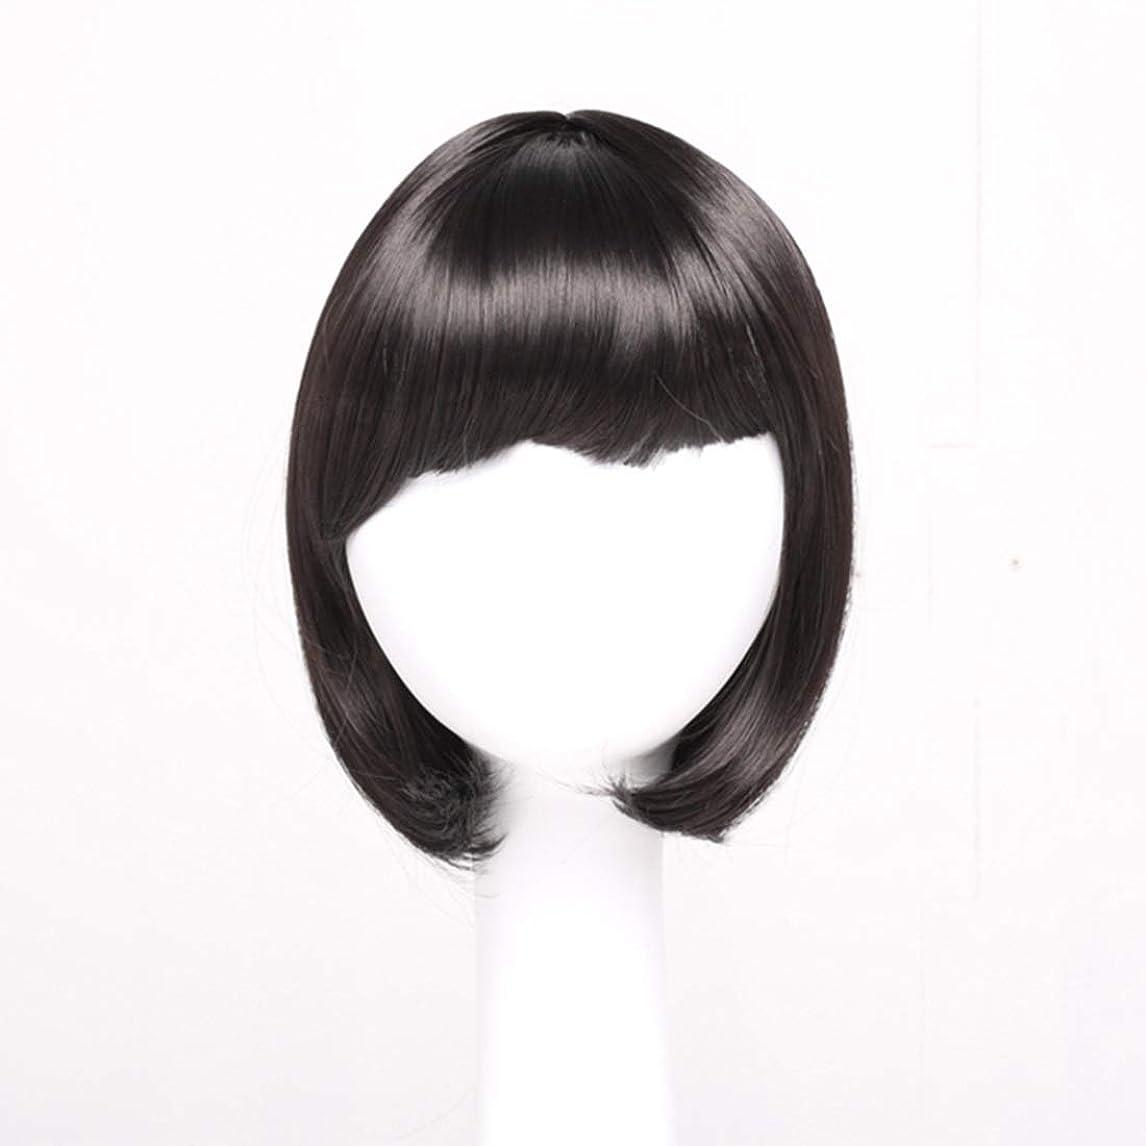 そっとホバー未払いSummerys レディースブラックショートストレートヘアー前髪付き前髪ウェーブヘッドかつらセットヘッドギア (Color : Navy brown)